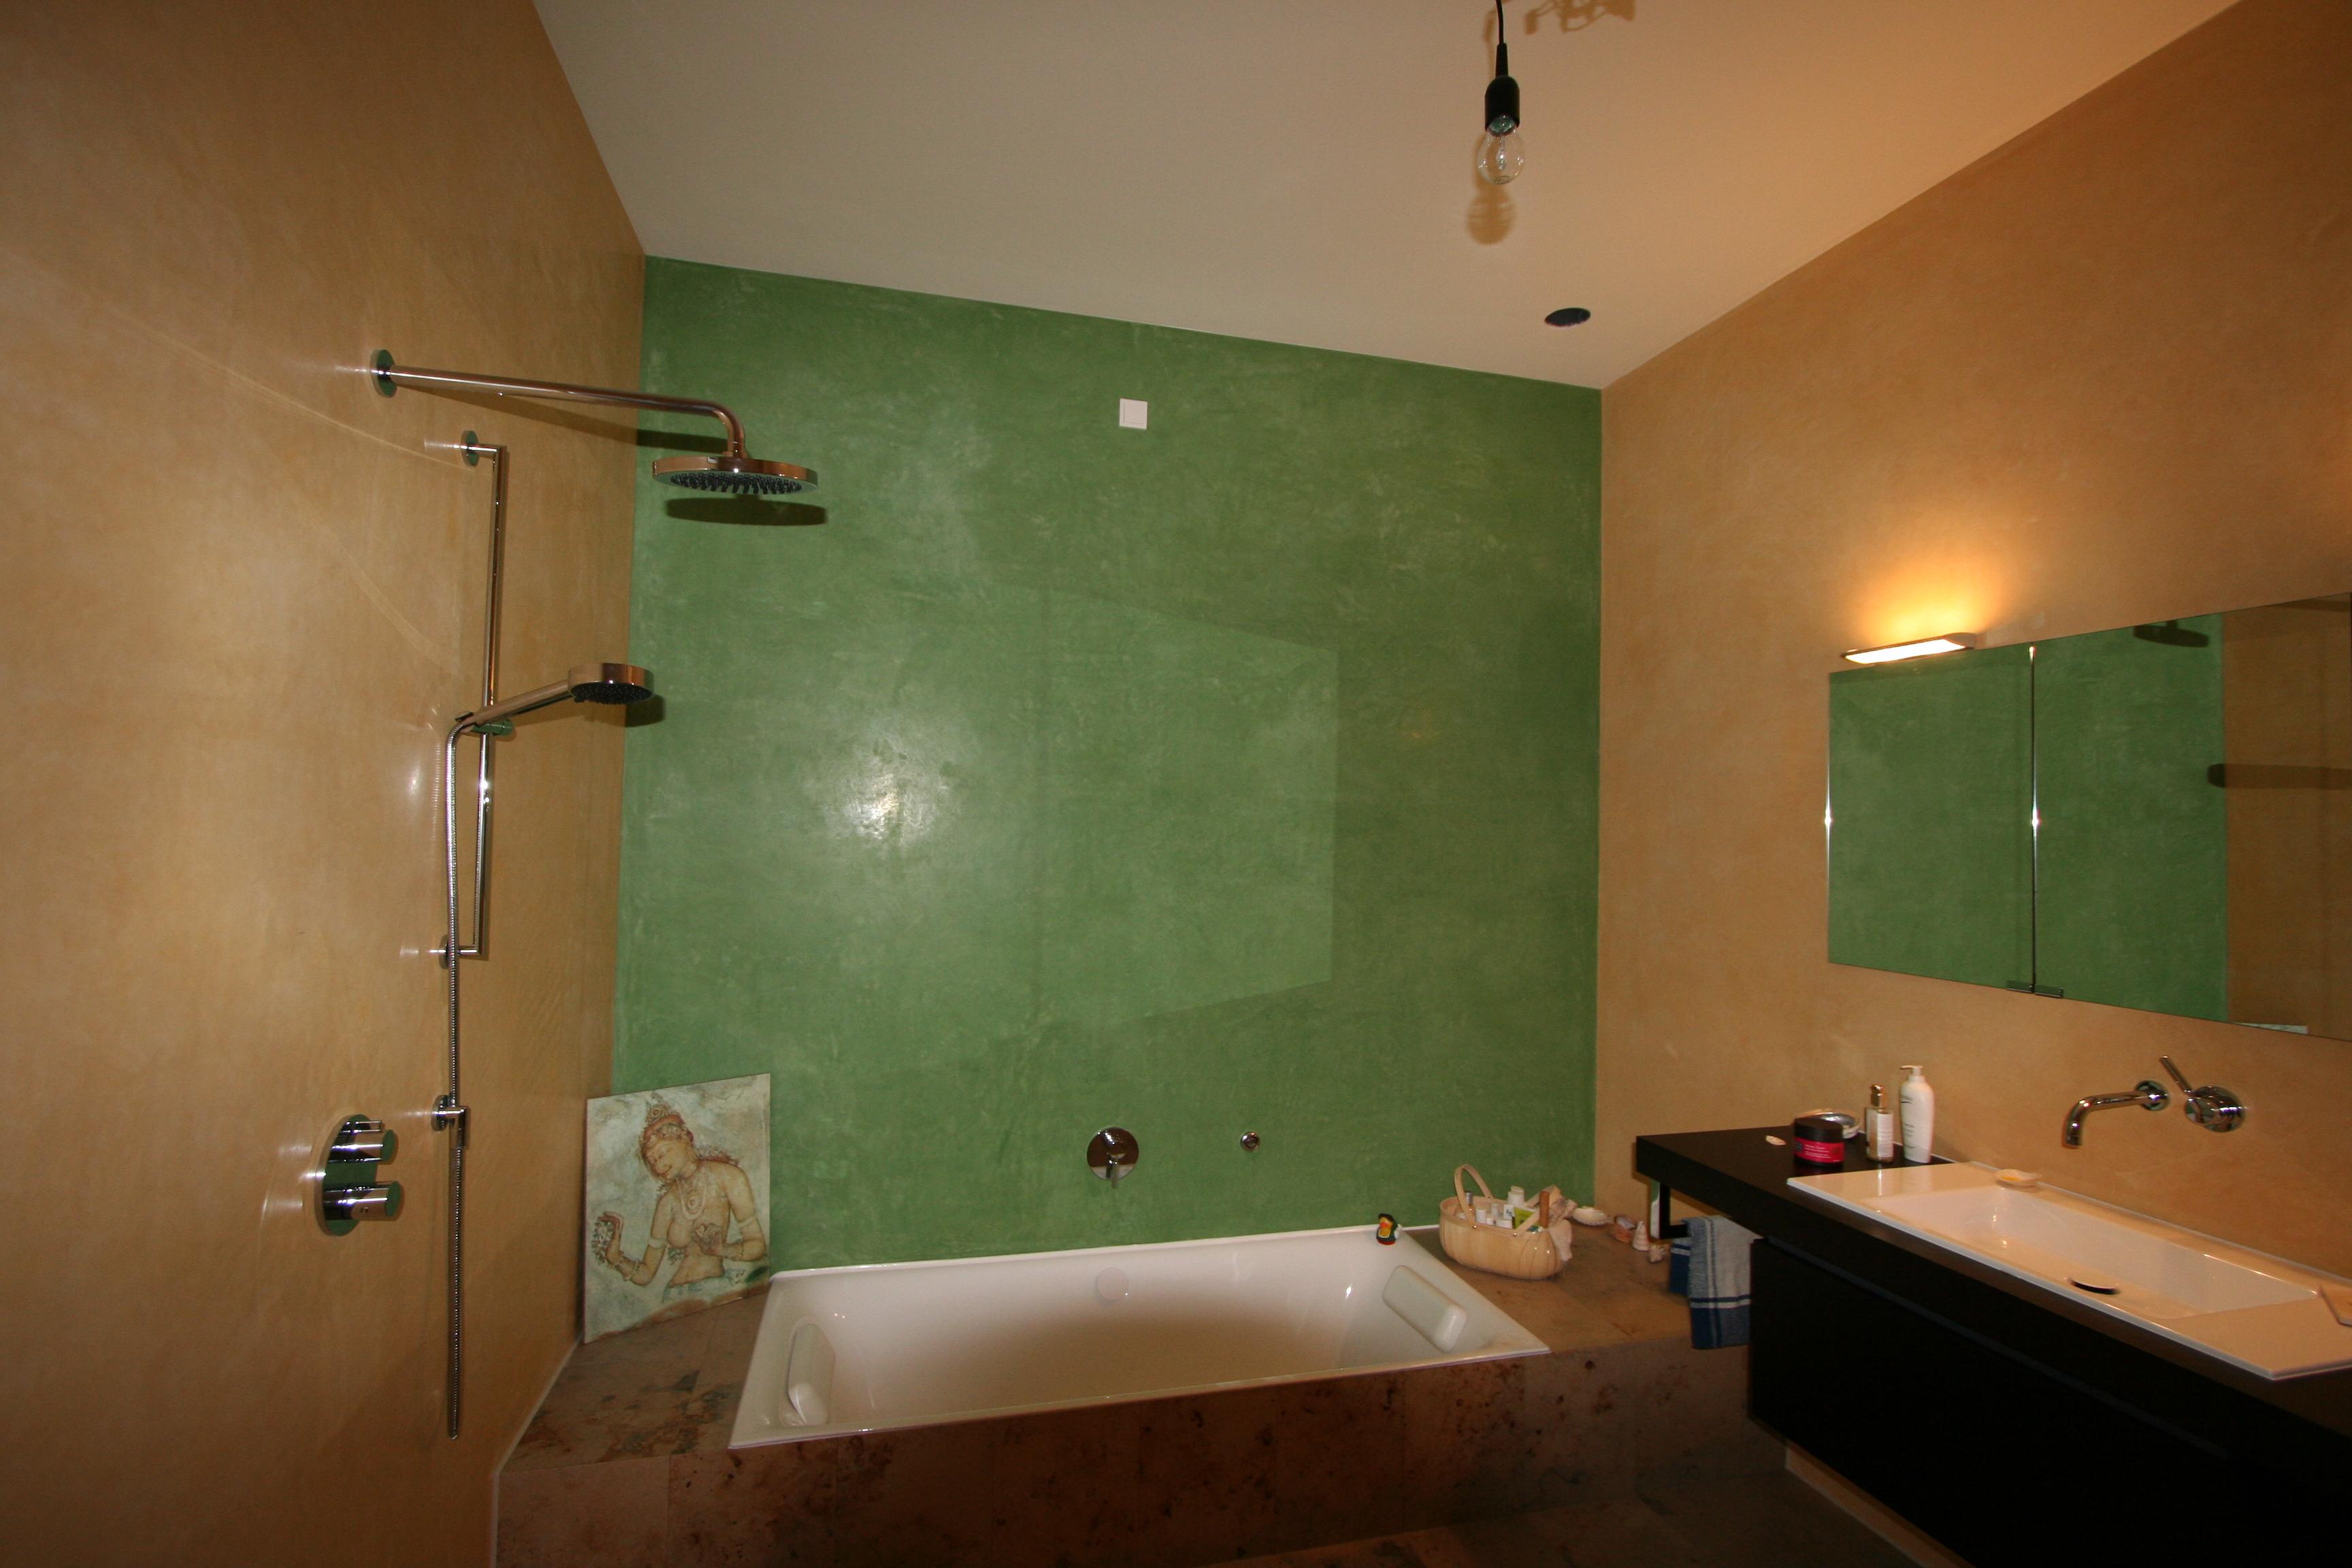 Wohnungsgestaltung fresco raumgestaltung for Wohnungsgestaltung